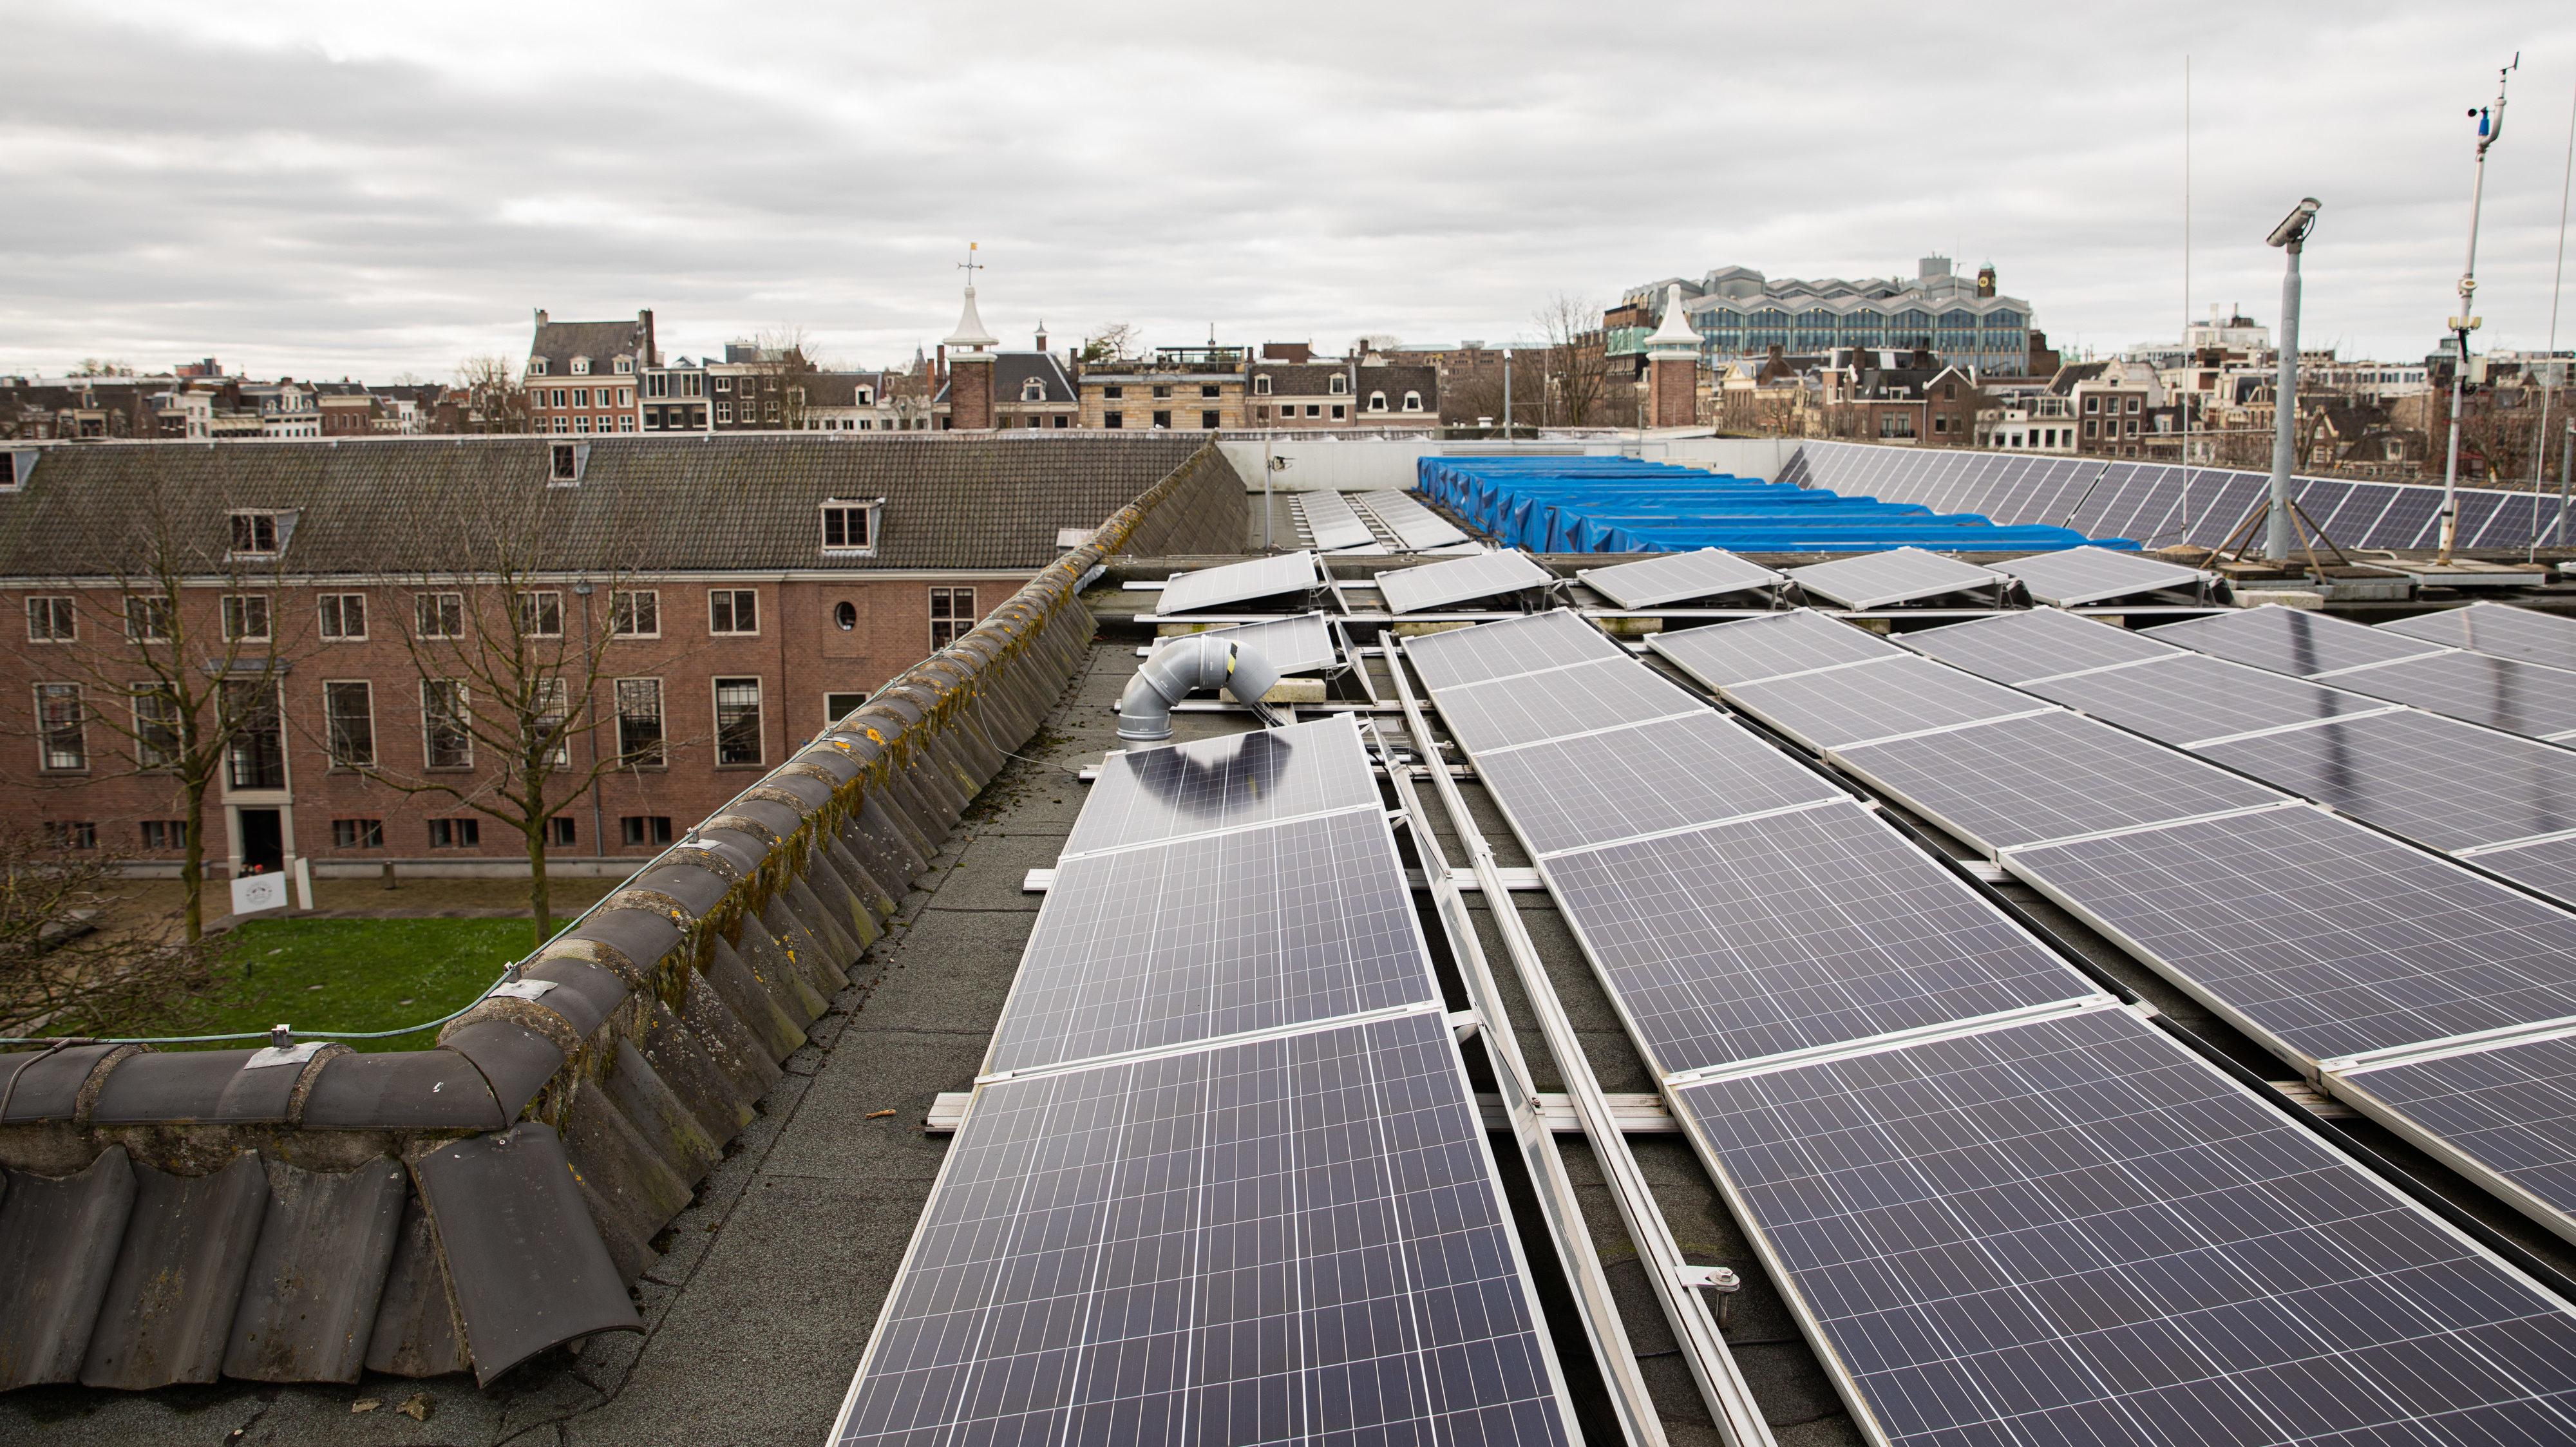 Zonnepanelen op het dak van de Hermitage. Foto Roos van Trommelen